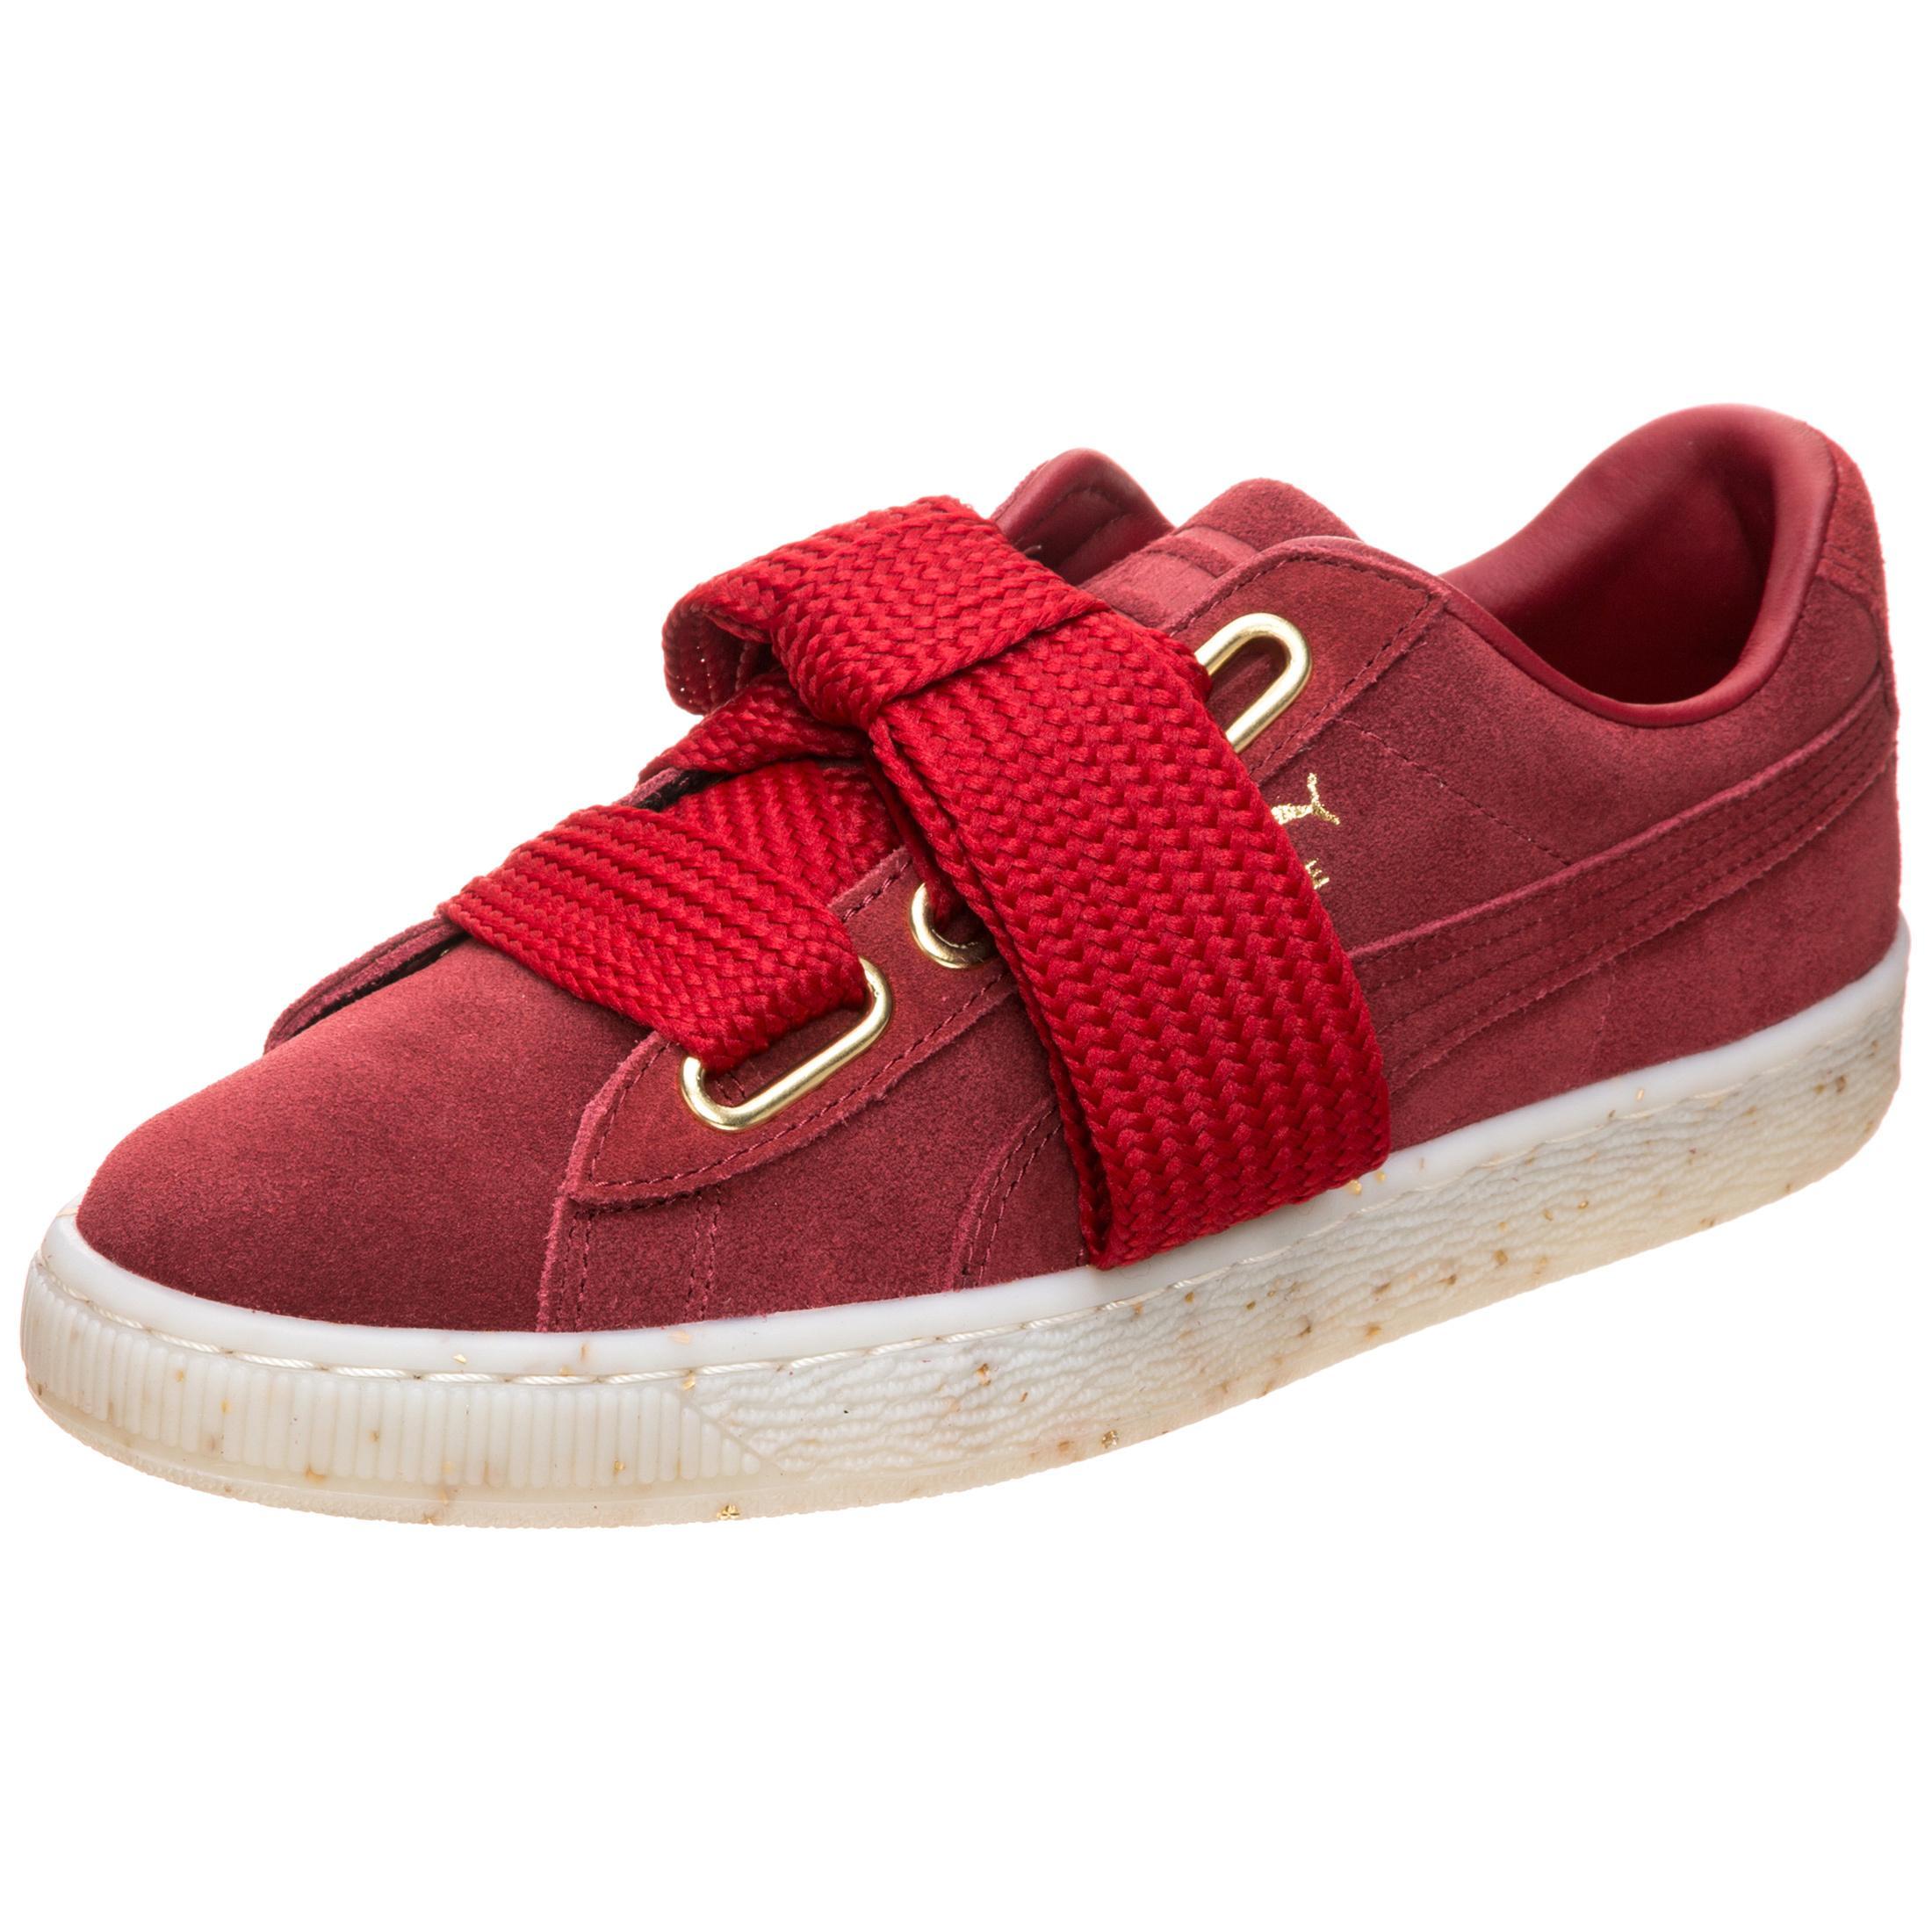 PUMA Suede Heart Celebrate Sneaker Damen rot im Online Shop von SportScheck kaufen Gute Qualität beliebte Schuhe